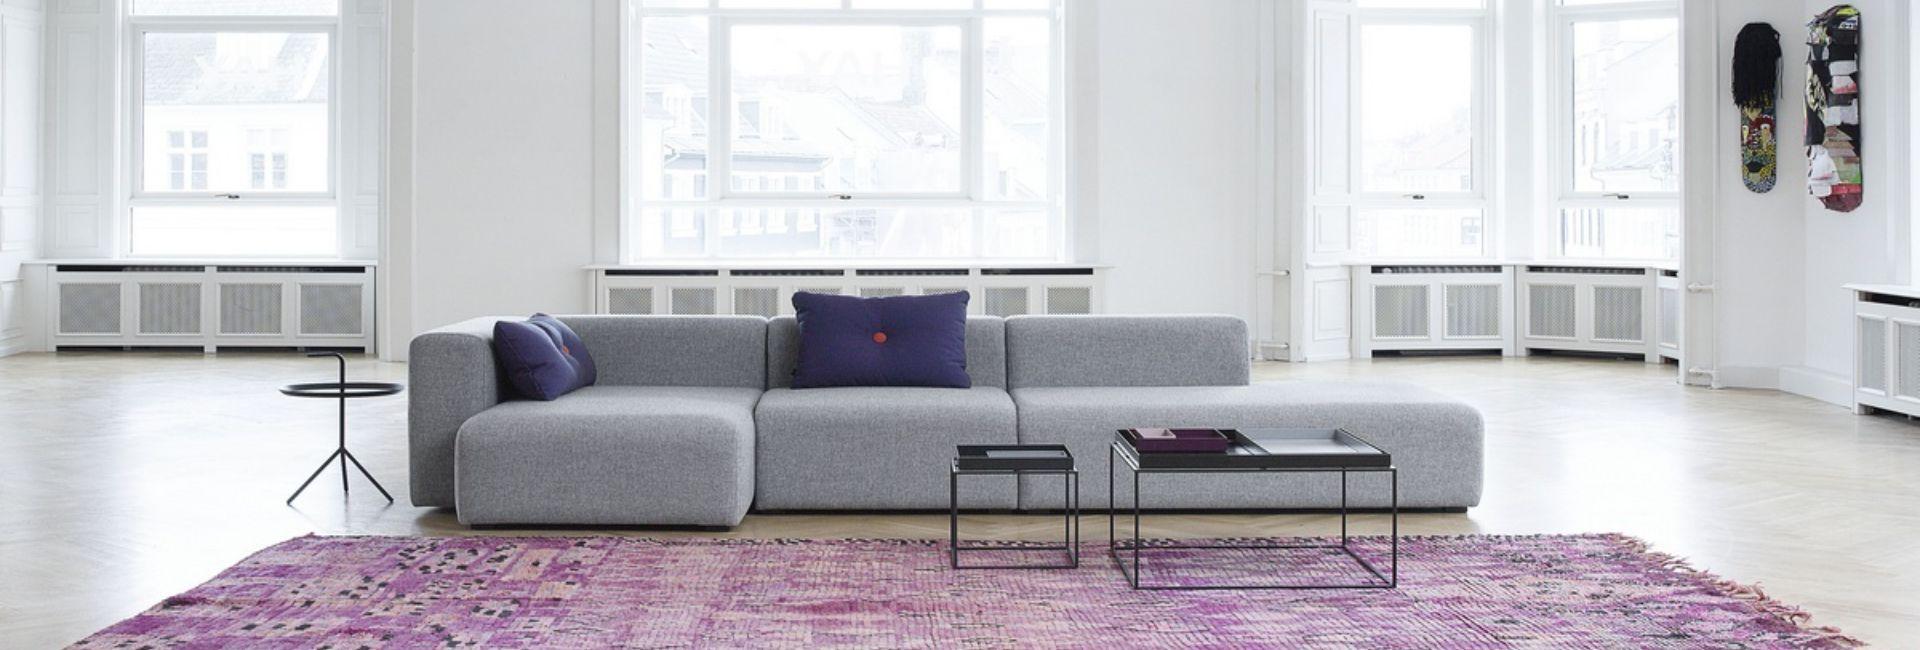 IDEmøbler Max Jessen – Køb møbler online, Sofa, sovesofa, sofabord ...